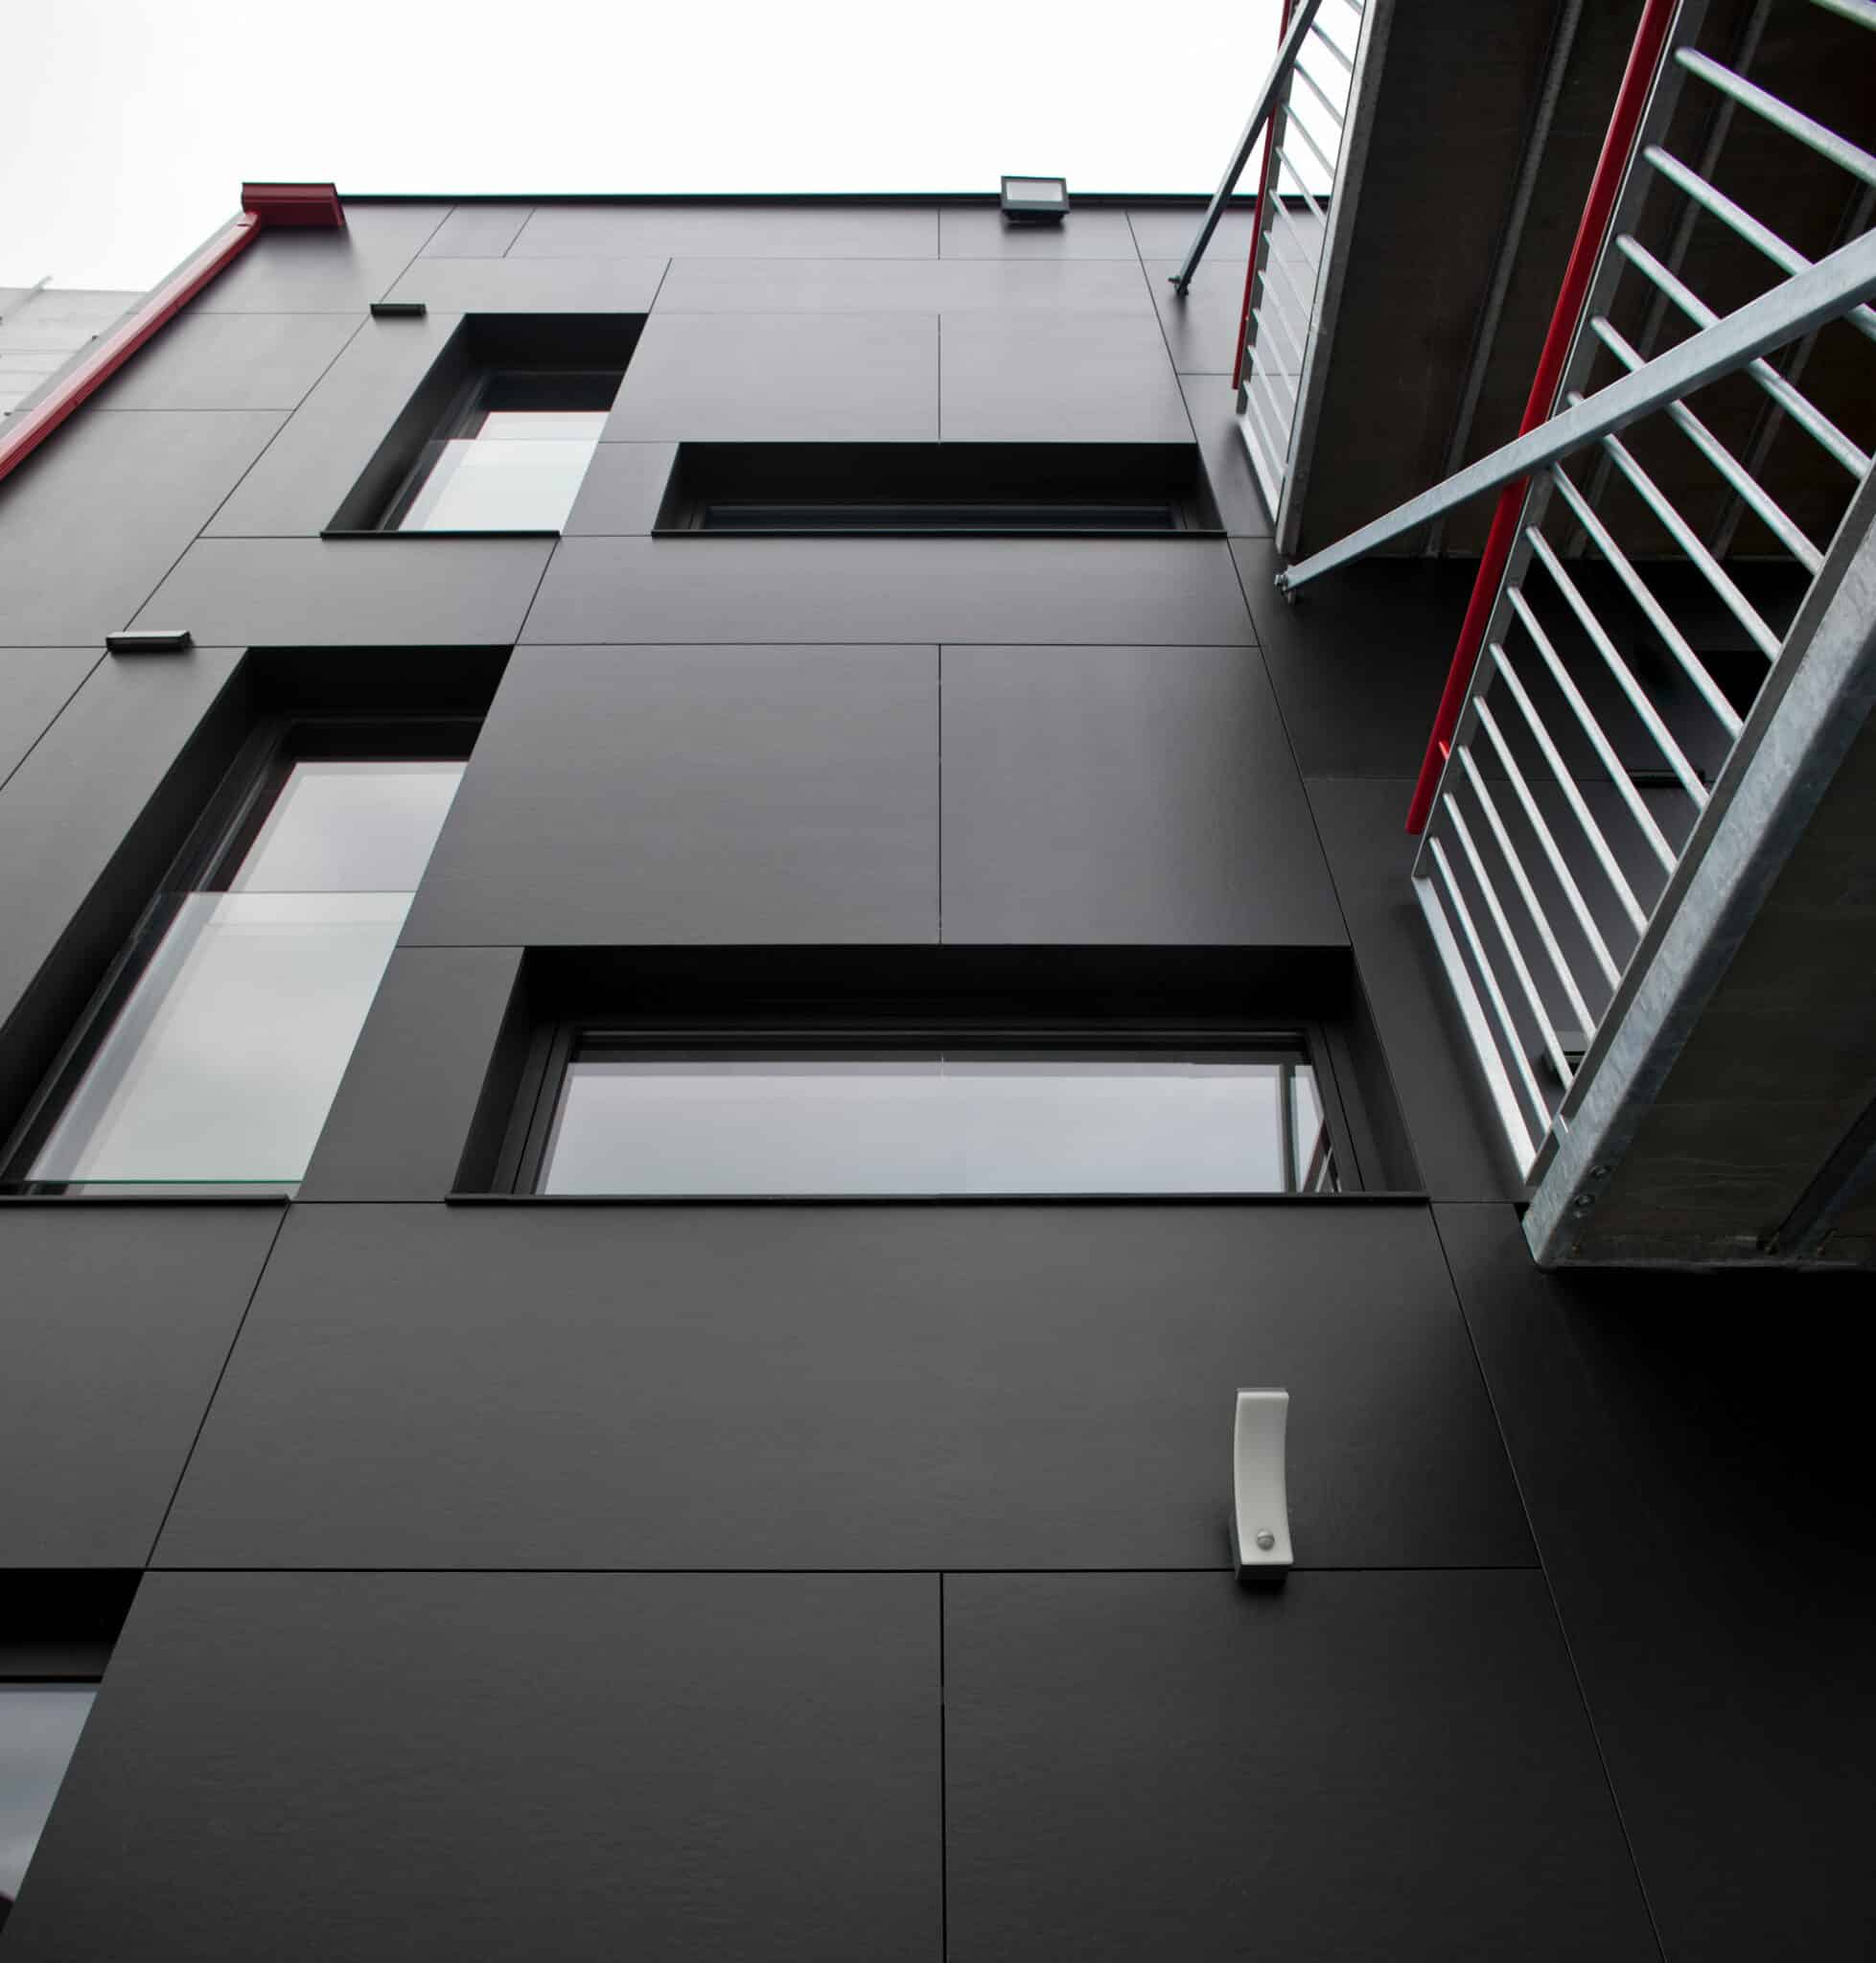 Arteixo Residential  - Arteixo Dekton facade 10 53